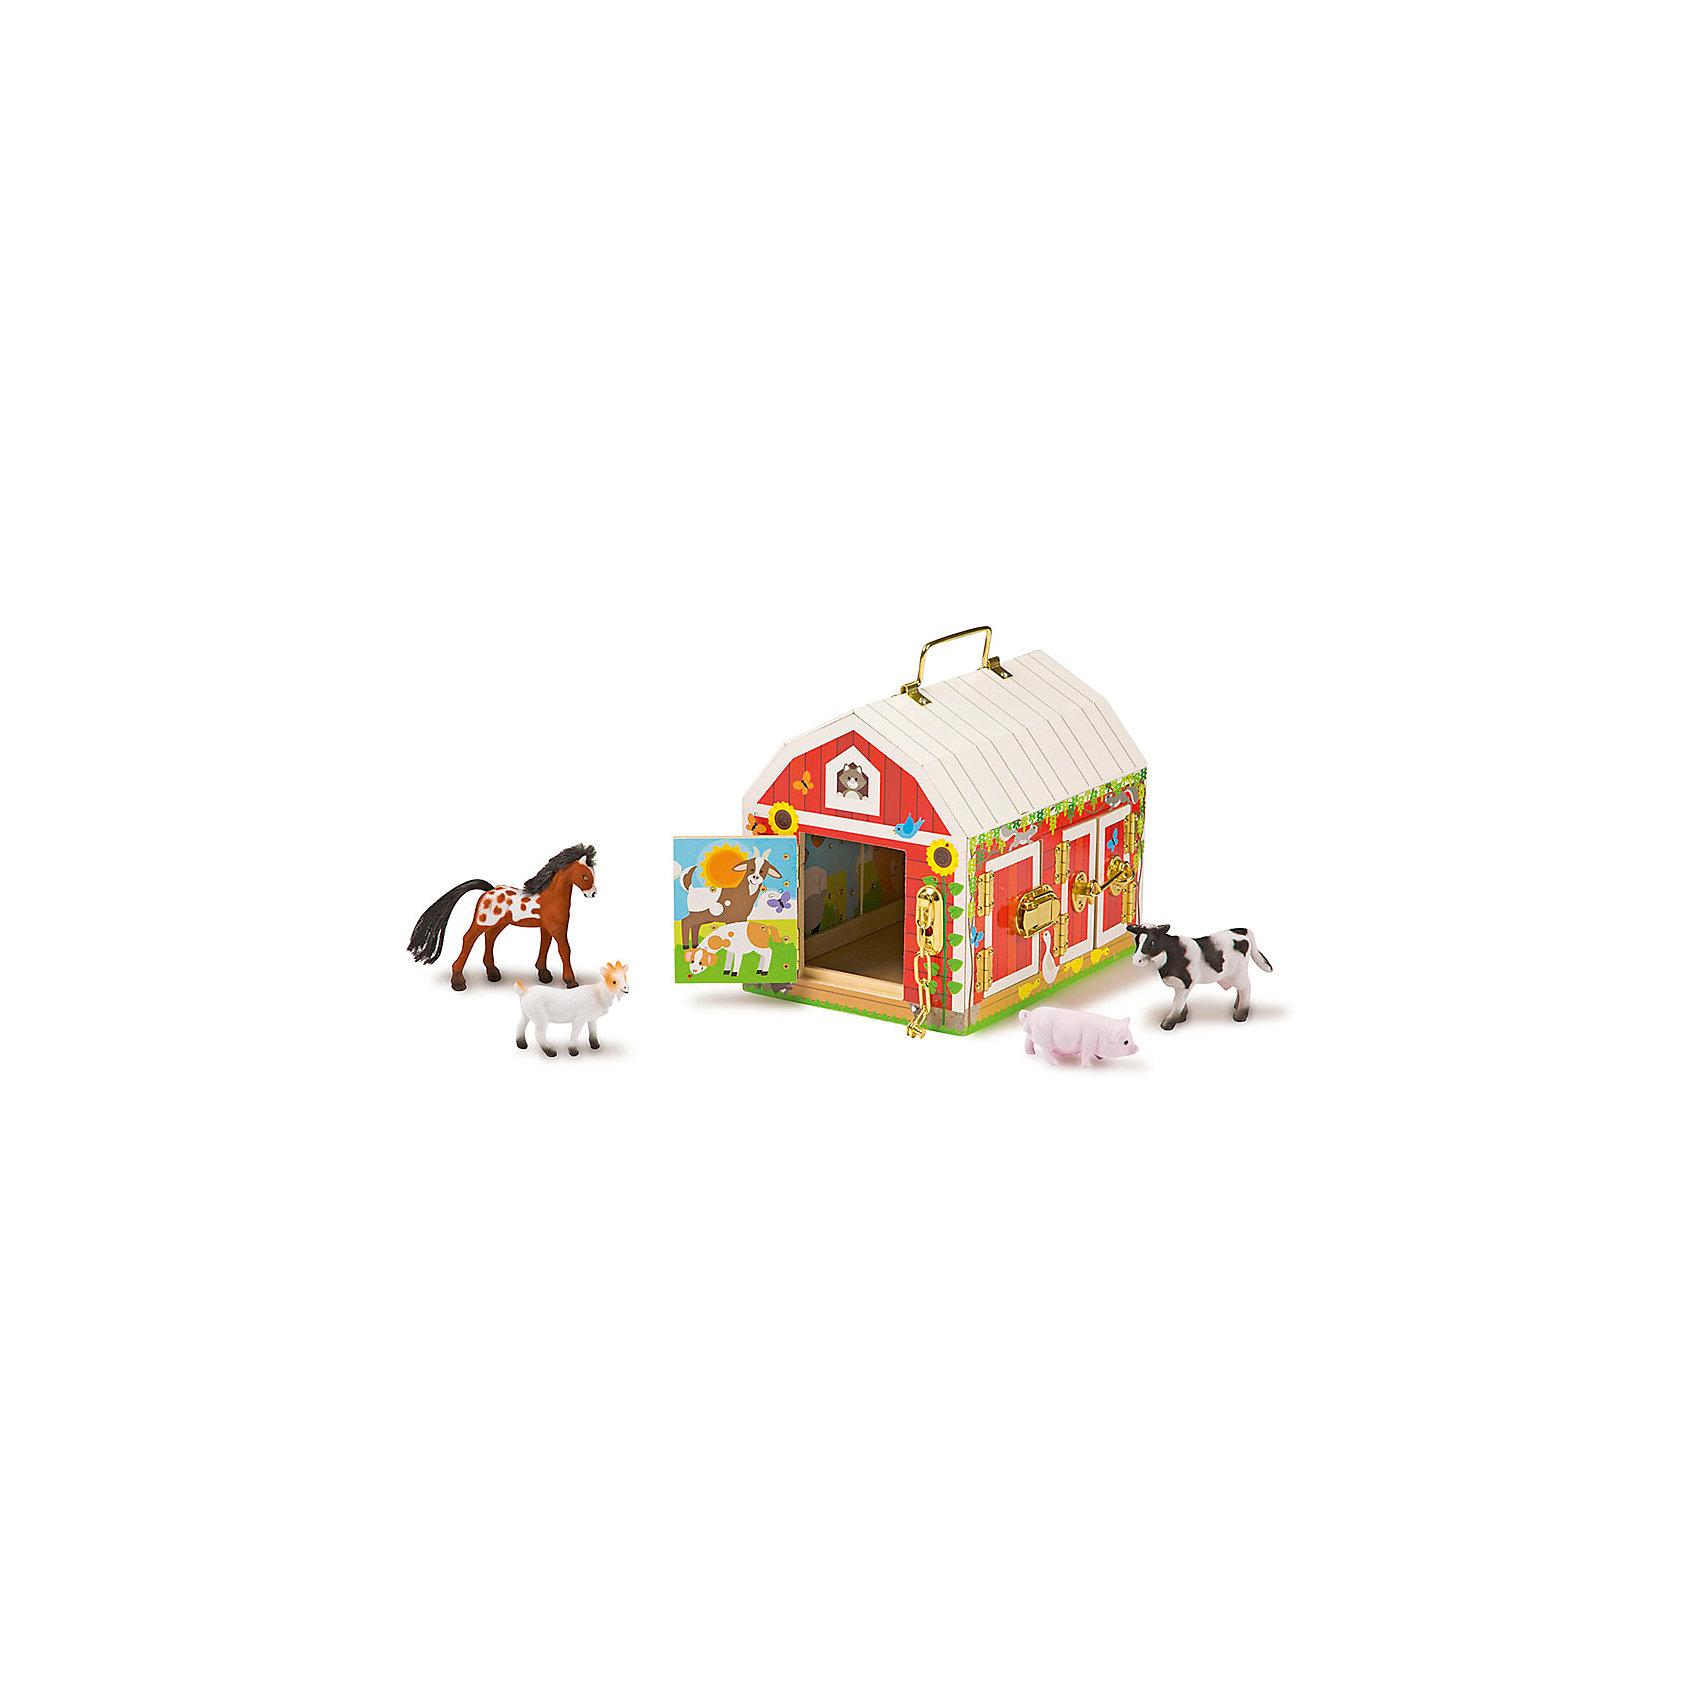 Деревянные игрушки Дом с замочками, Melissa &amp; DougДеревянные игрушки Дом с замочками, Melissa &amp; Doug<br><br>Характеристики:<br><br>• В набор входит: домик, 4 фигурки<br>• Размер игрушки: 23 * 17 * 20 см.<br>• Состав: дерево, картон, ПВХ<br>• Вес: 1610 г.<br>• Для детей в возрасте: от 3 до 5 лет<br>• Страна производитель: Китай <br><br>Домик удобно перемещать благодаря ручке на крышке, как снаружи, так и внутри домика расположены красочные рисунки. У амбара всего шесть разнообразных по формату и стилю дверей, которые закрываются на уникальные замочки. В набор входят шпингалеты, цепочки, крючковый замок, замок-клипса и задвижка, все они выполнены очень качественно и представлены в блестящем золотом цвете.<br><br>В амбаре размещены четыре фигурки животных фермы: лошадь, коза, корова и свинья. Шкурки животных отделаны мягким материалом, благодаря которому на ощупь они как бархат. Ребёнок будет много играть с этим занимательным развивающим амбаром и его животными. <br><br>Деревянные игрушки Дом с замочками, Melissa &amp; Doug можно купить в нашем интернет-магазине.<br><br>Ширина мм: 200<br>Глубина мм: 170<br>Высота мм: 230<br>Вес г: 1610<br>Возраст от месяцев: 36<br>Возраст до месяцев: 2147483647<br>Пол: Унисекс<br>Возраст: Детский<br>SKU: 5451054